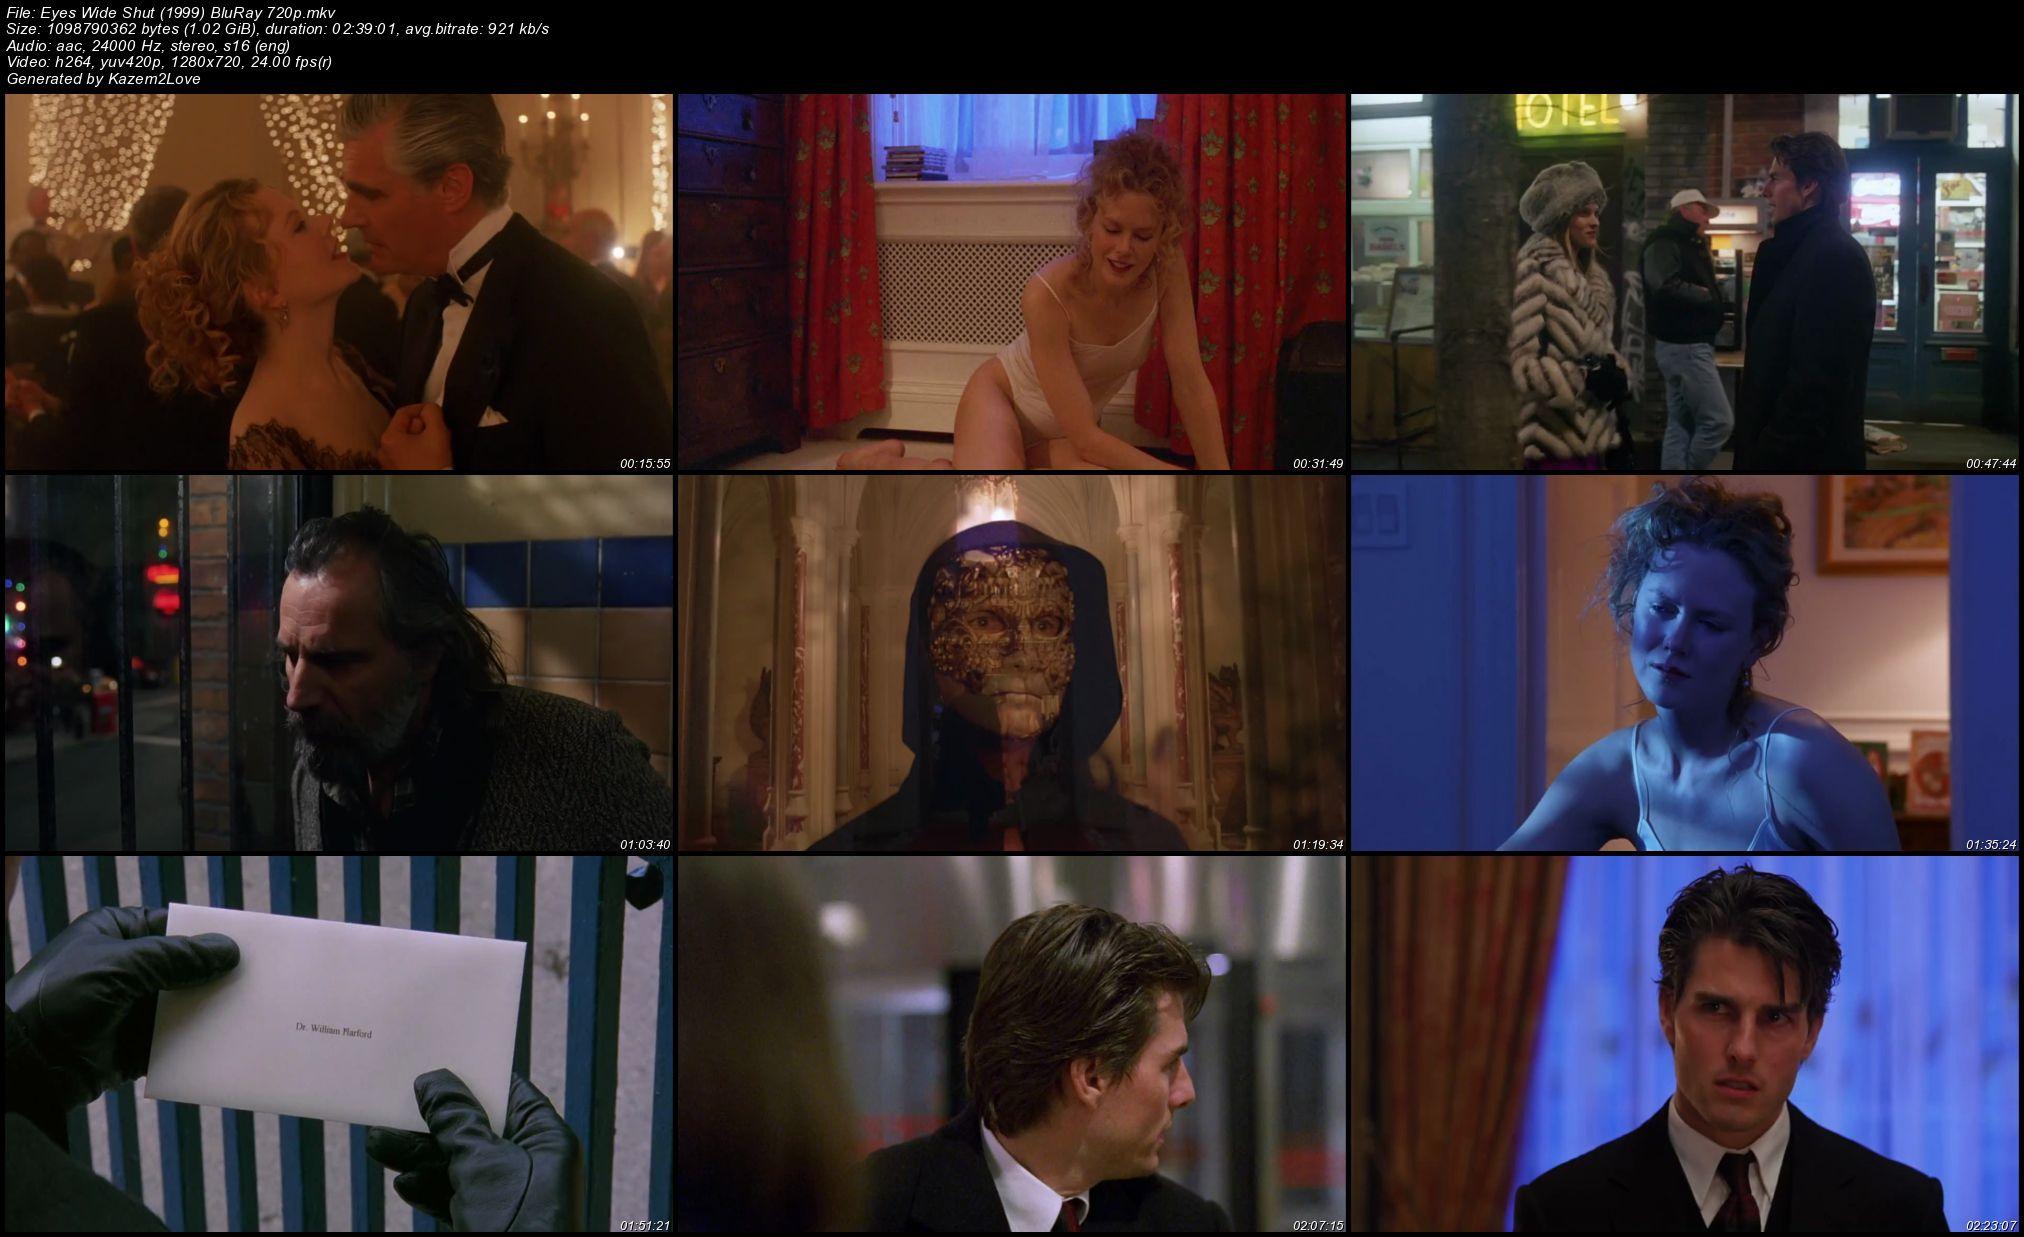 Eyes-Wide-Shut-1999-BluRay-720p